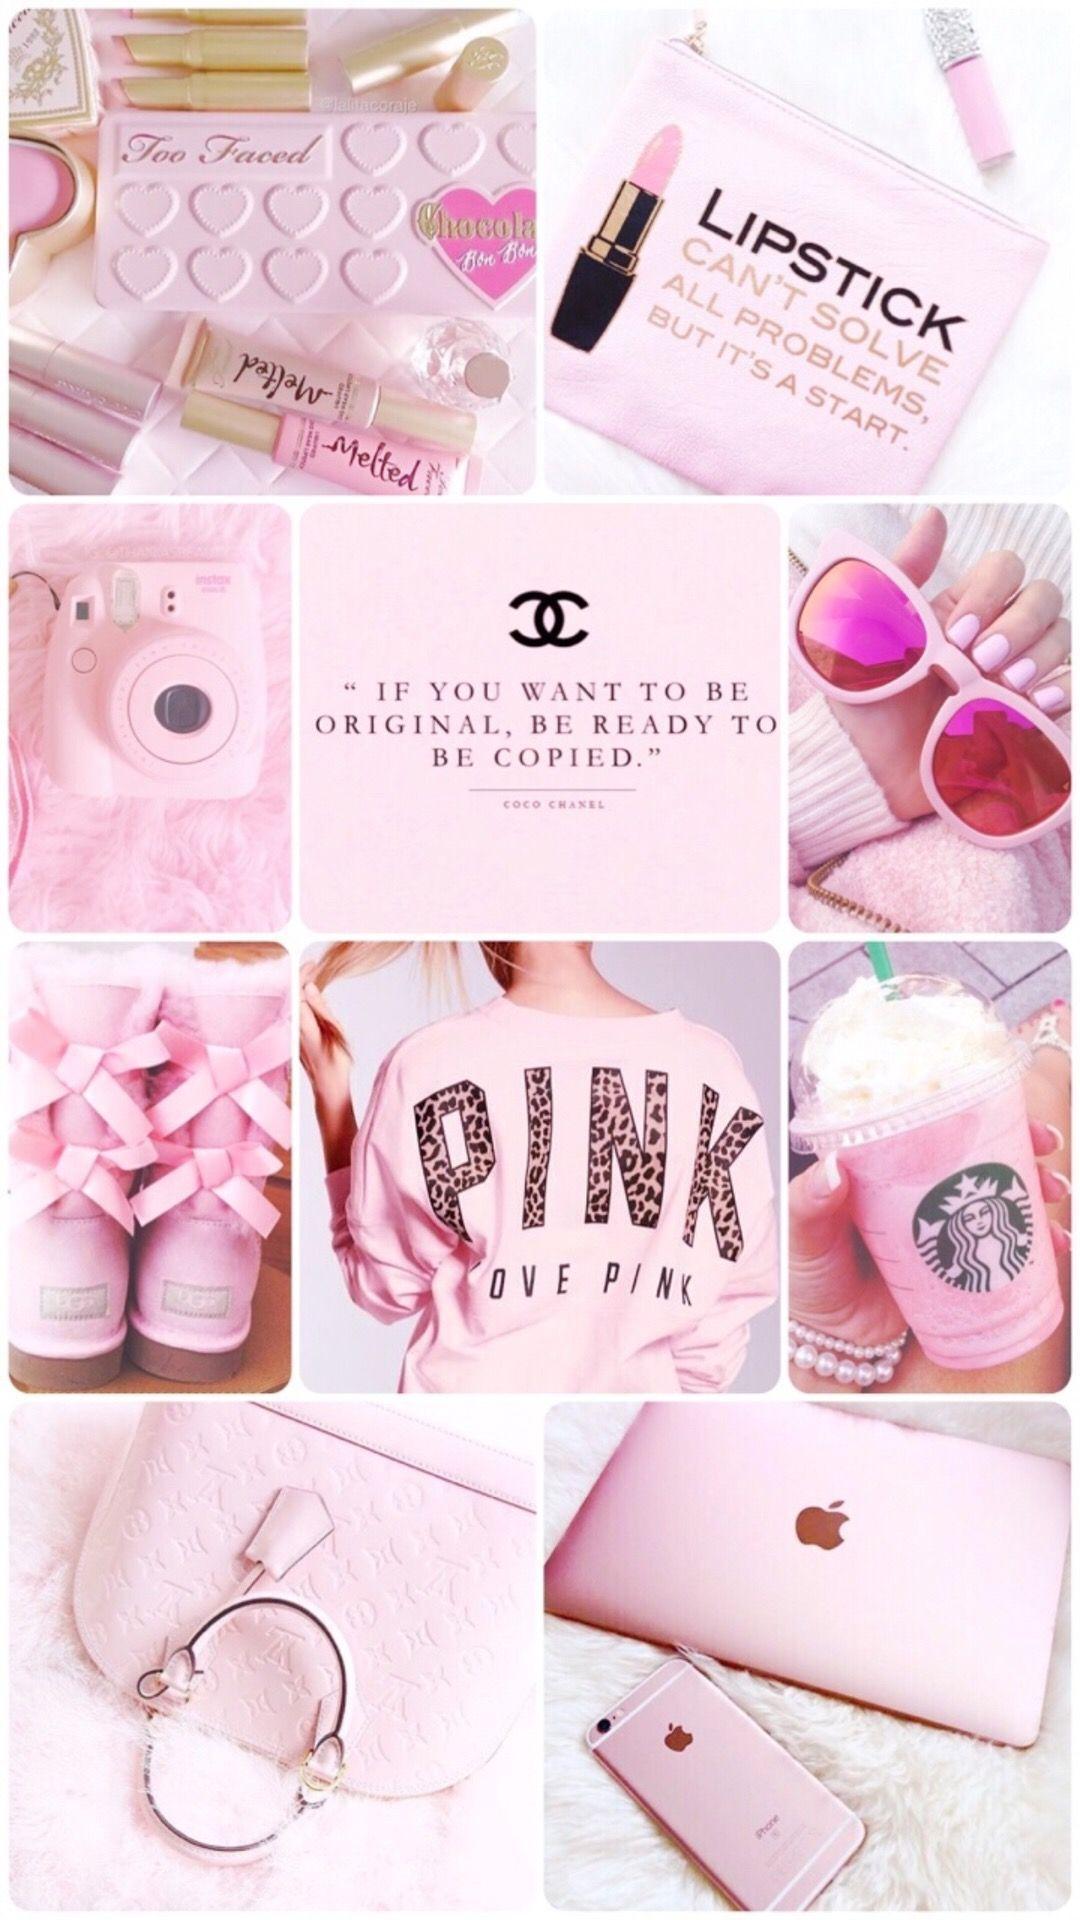 Unduh 7000 Background Tumblr Girly Gratis Terbaru